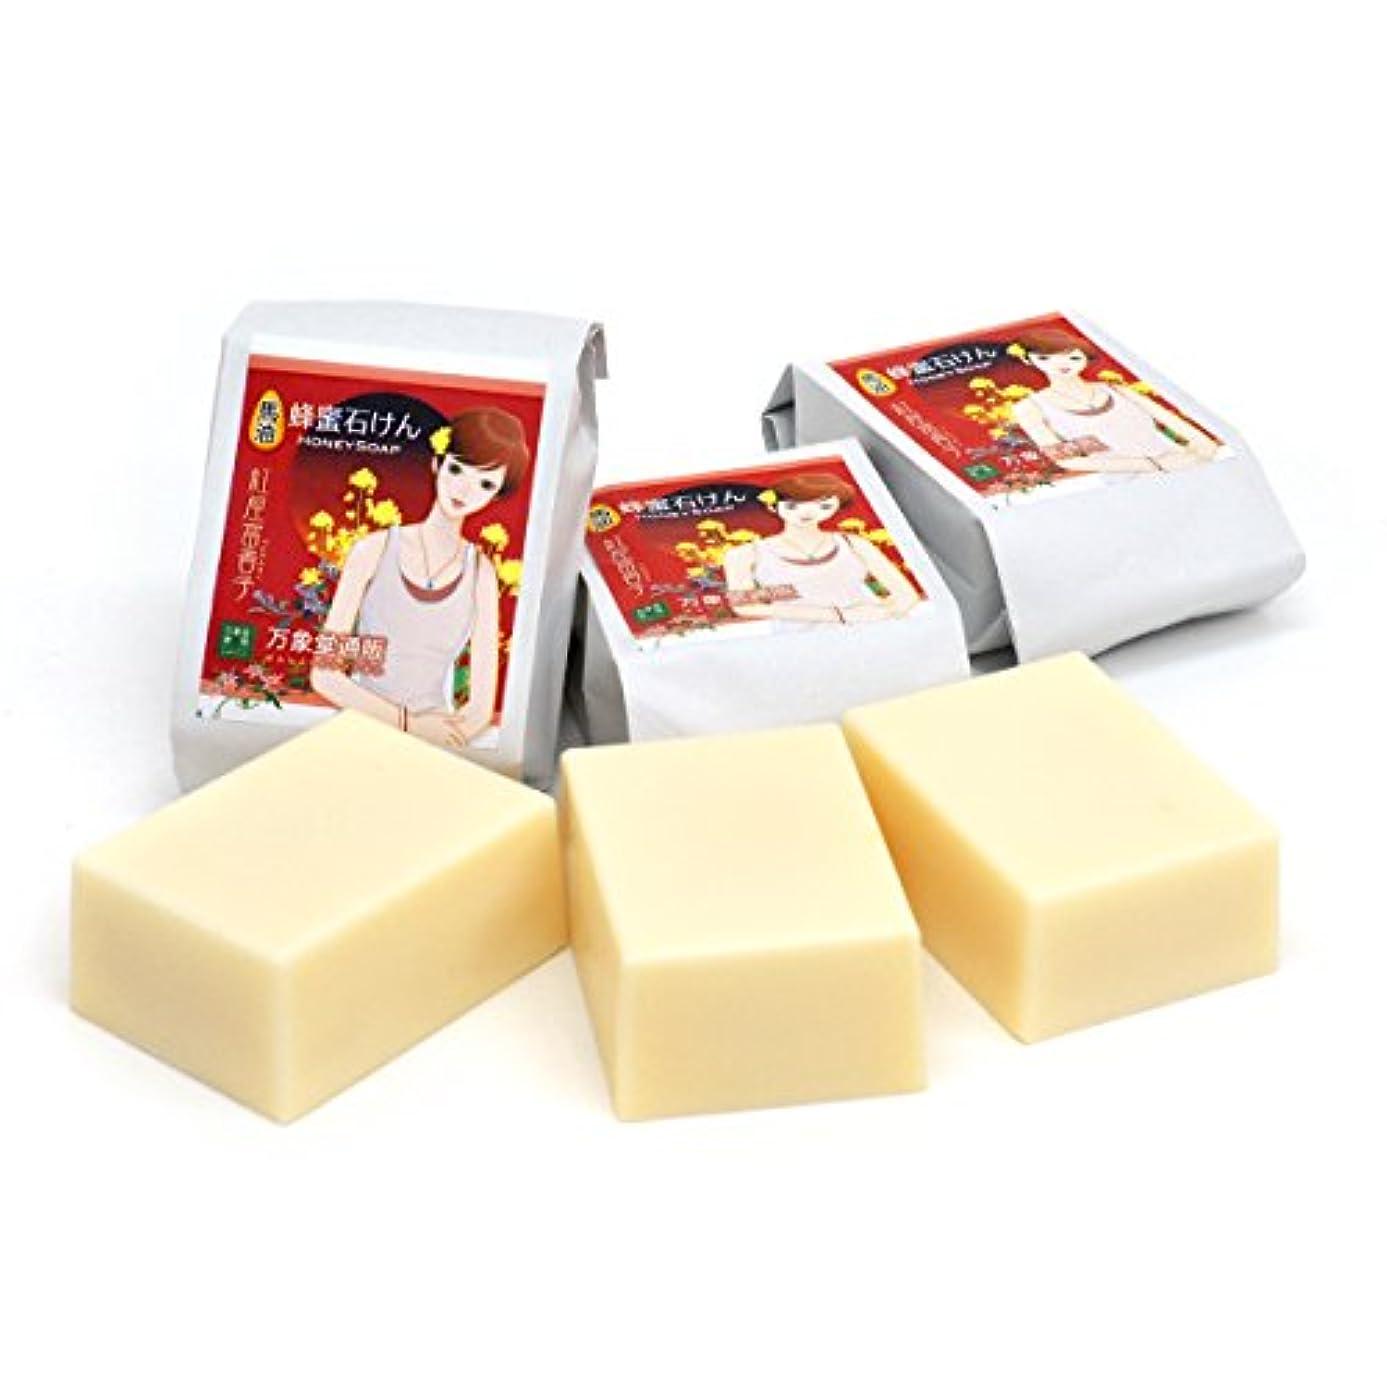 ワークショップ島帆森羅万象堂 馬油石鹸 90g×3個 (国産)熊本県産 国産蜂蜜配合